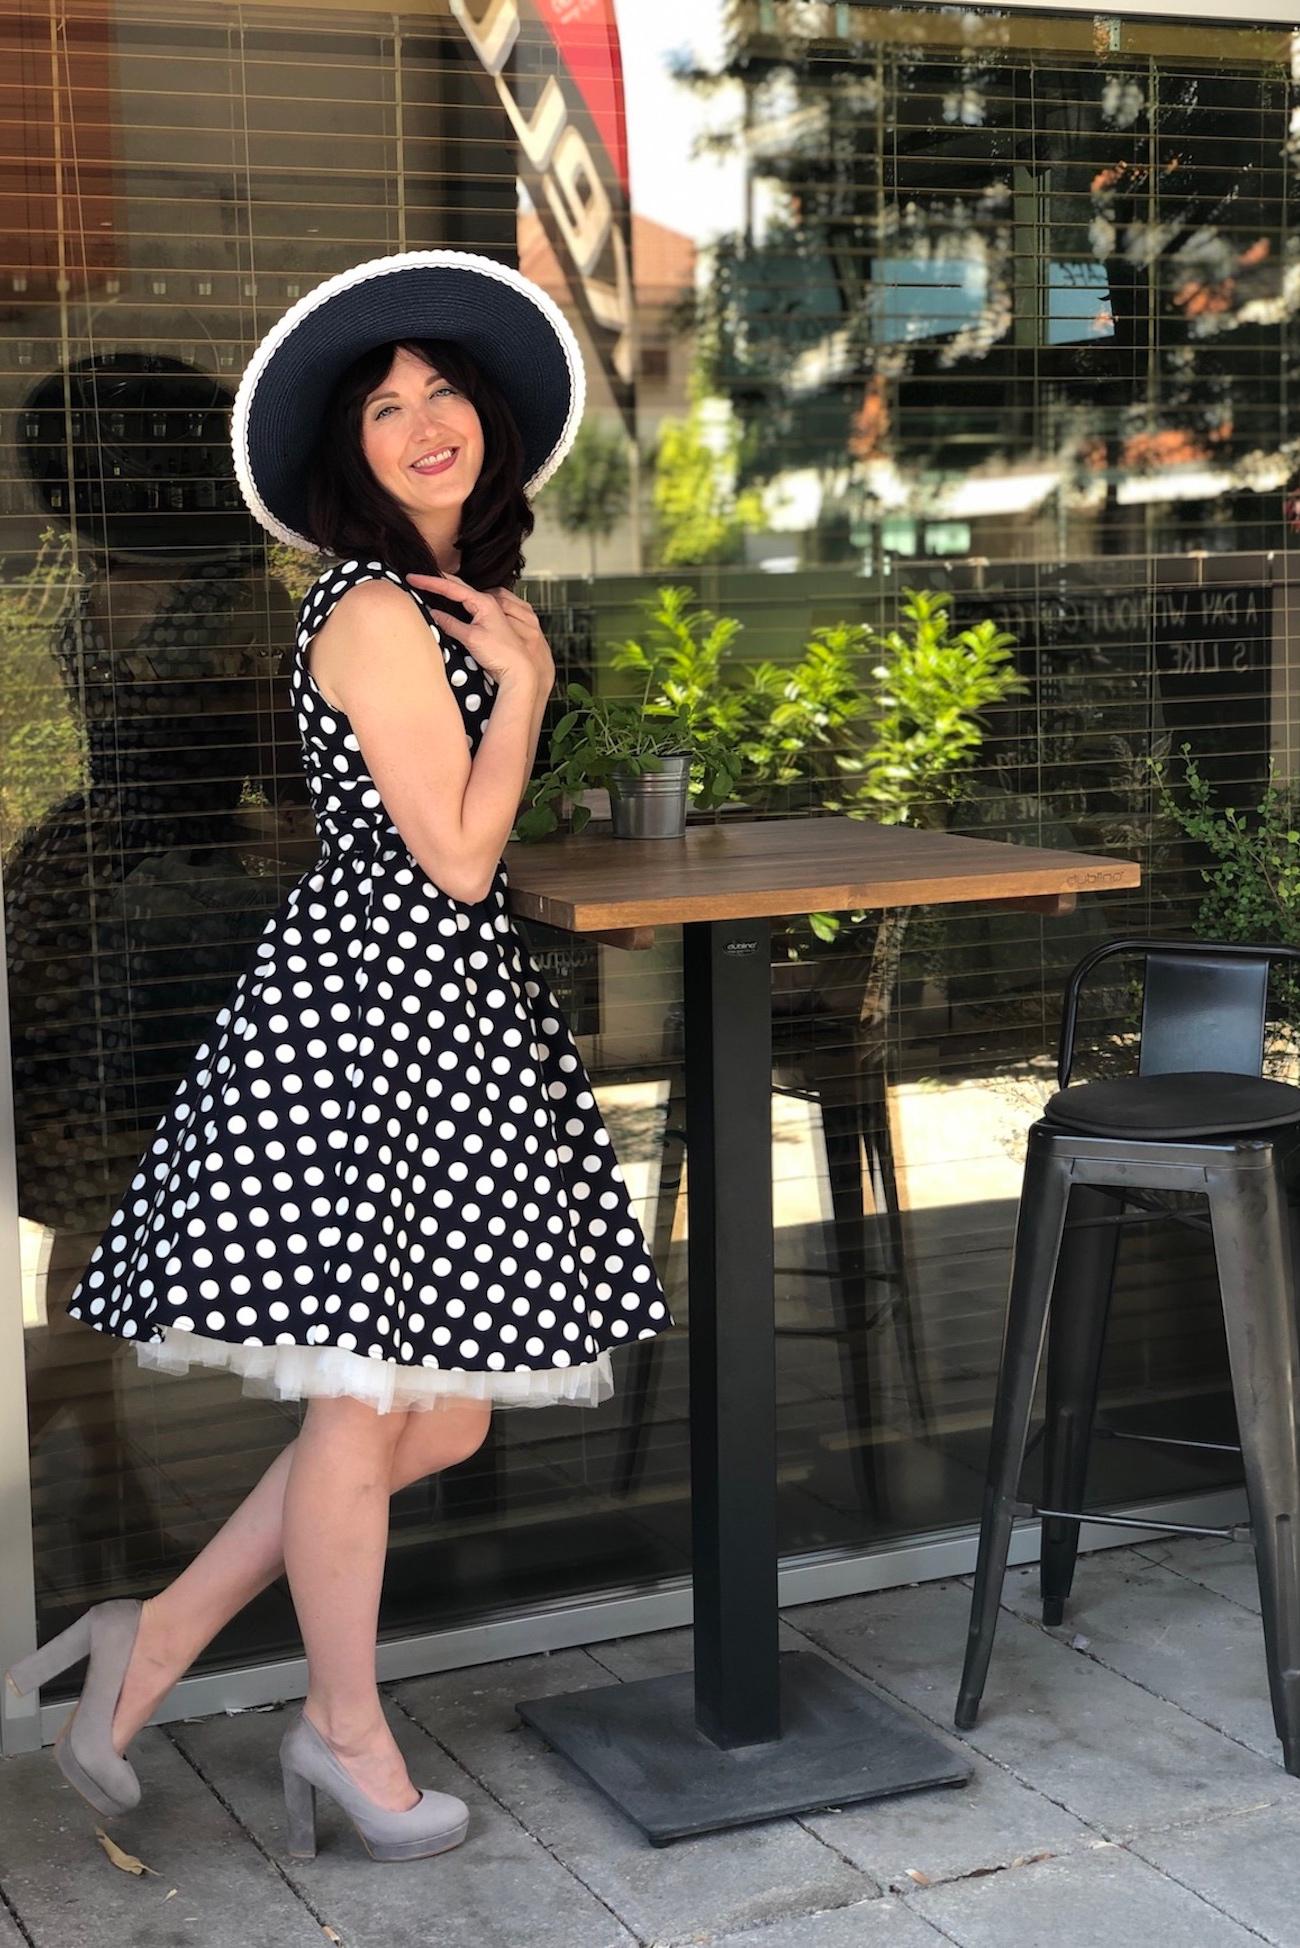 b663c2157920 Štylové modré retro šaty s bílýmy puntíky